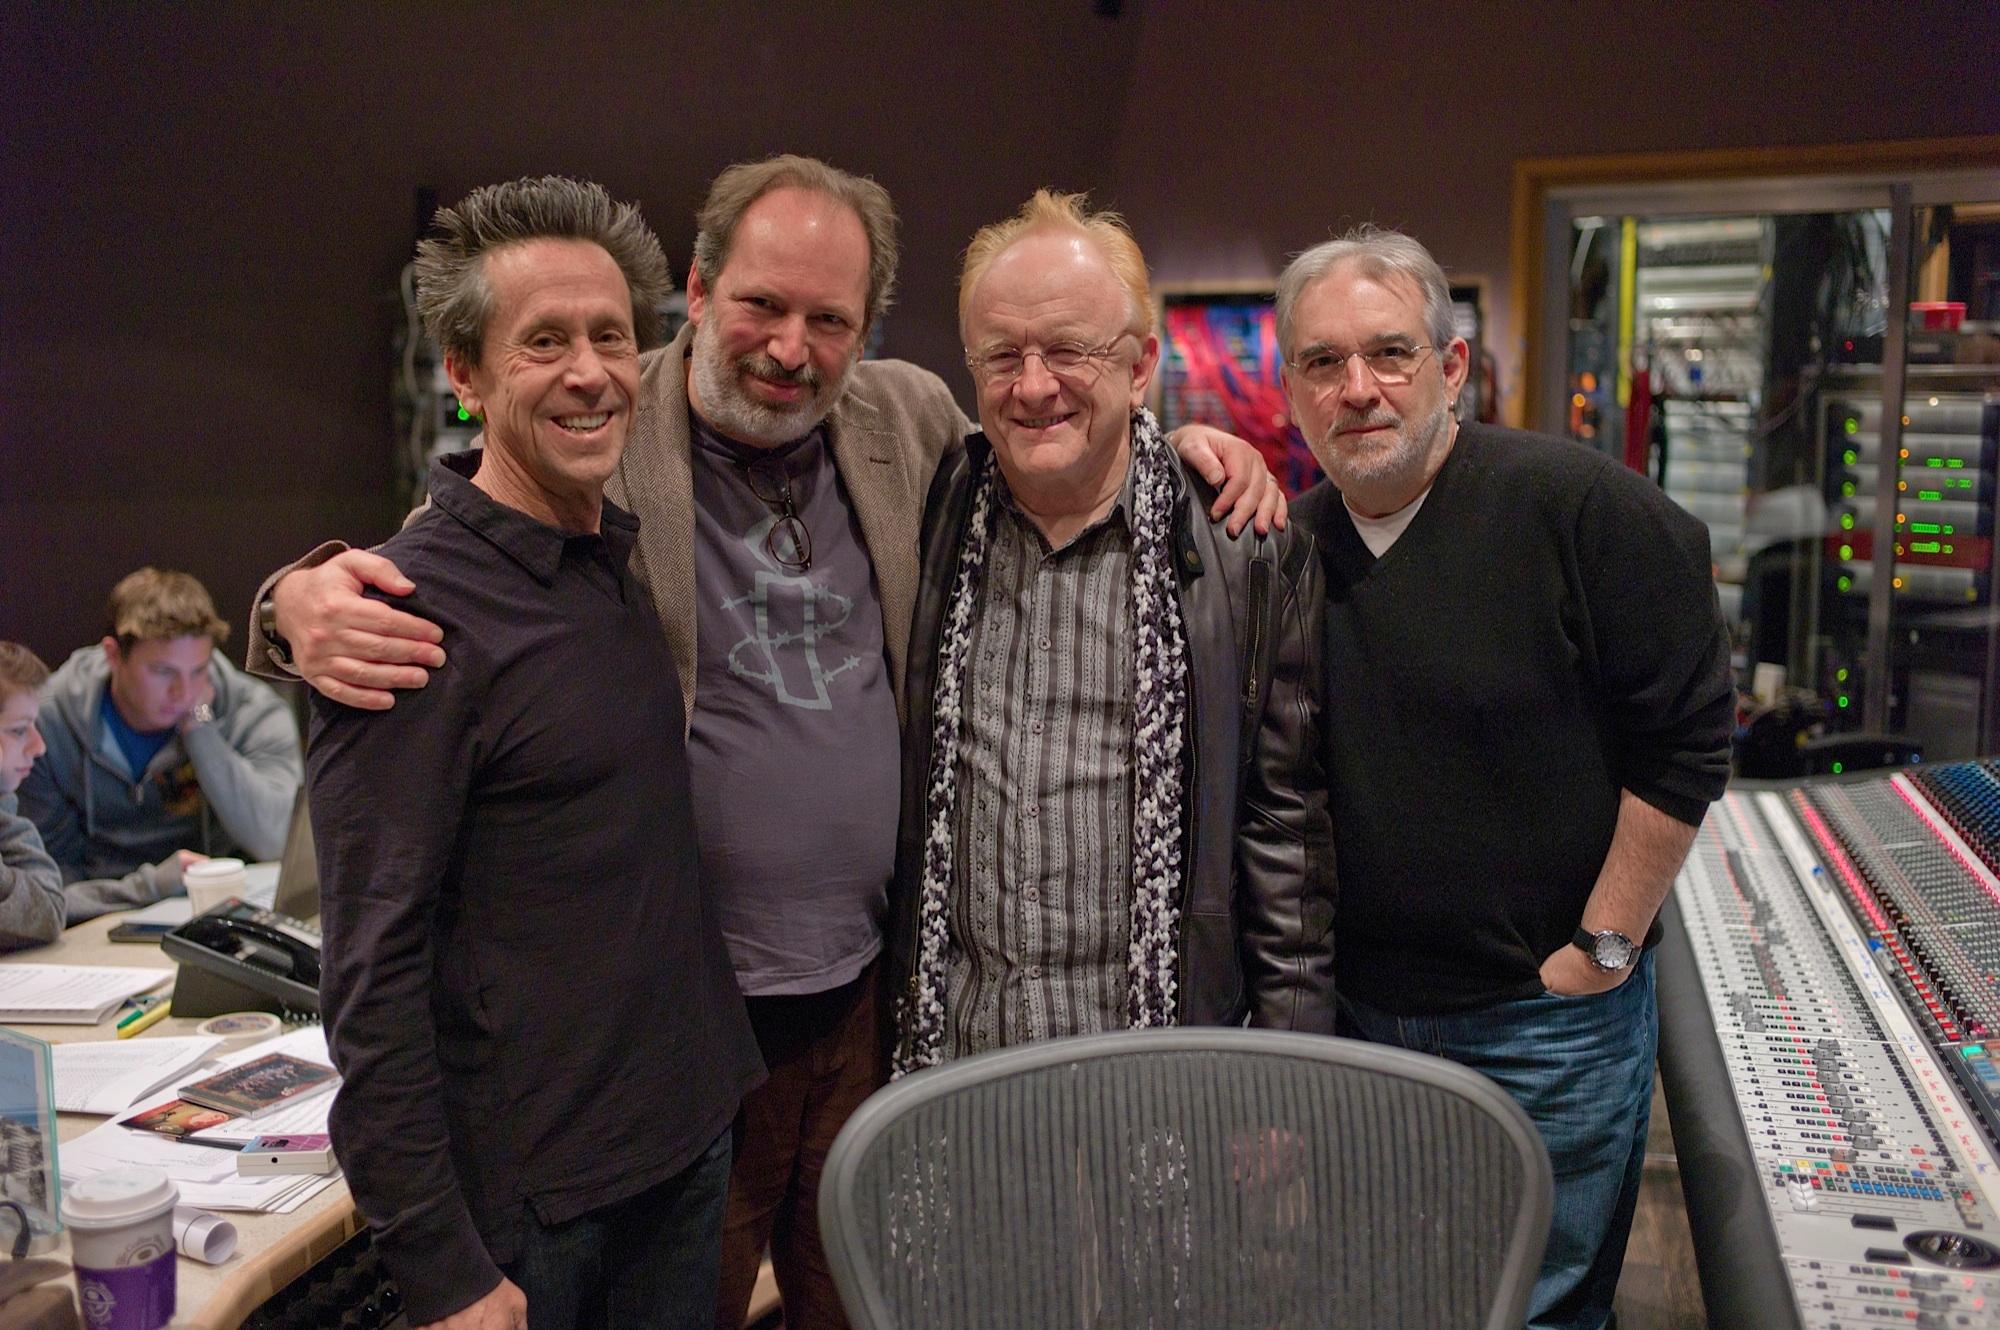 Brian Grazer, Hanz Zimmer, Peter Asher